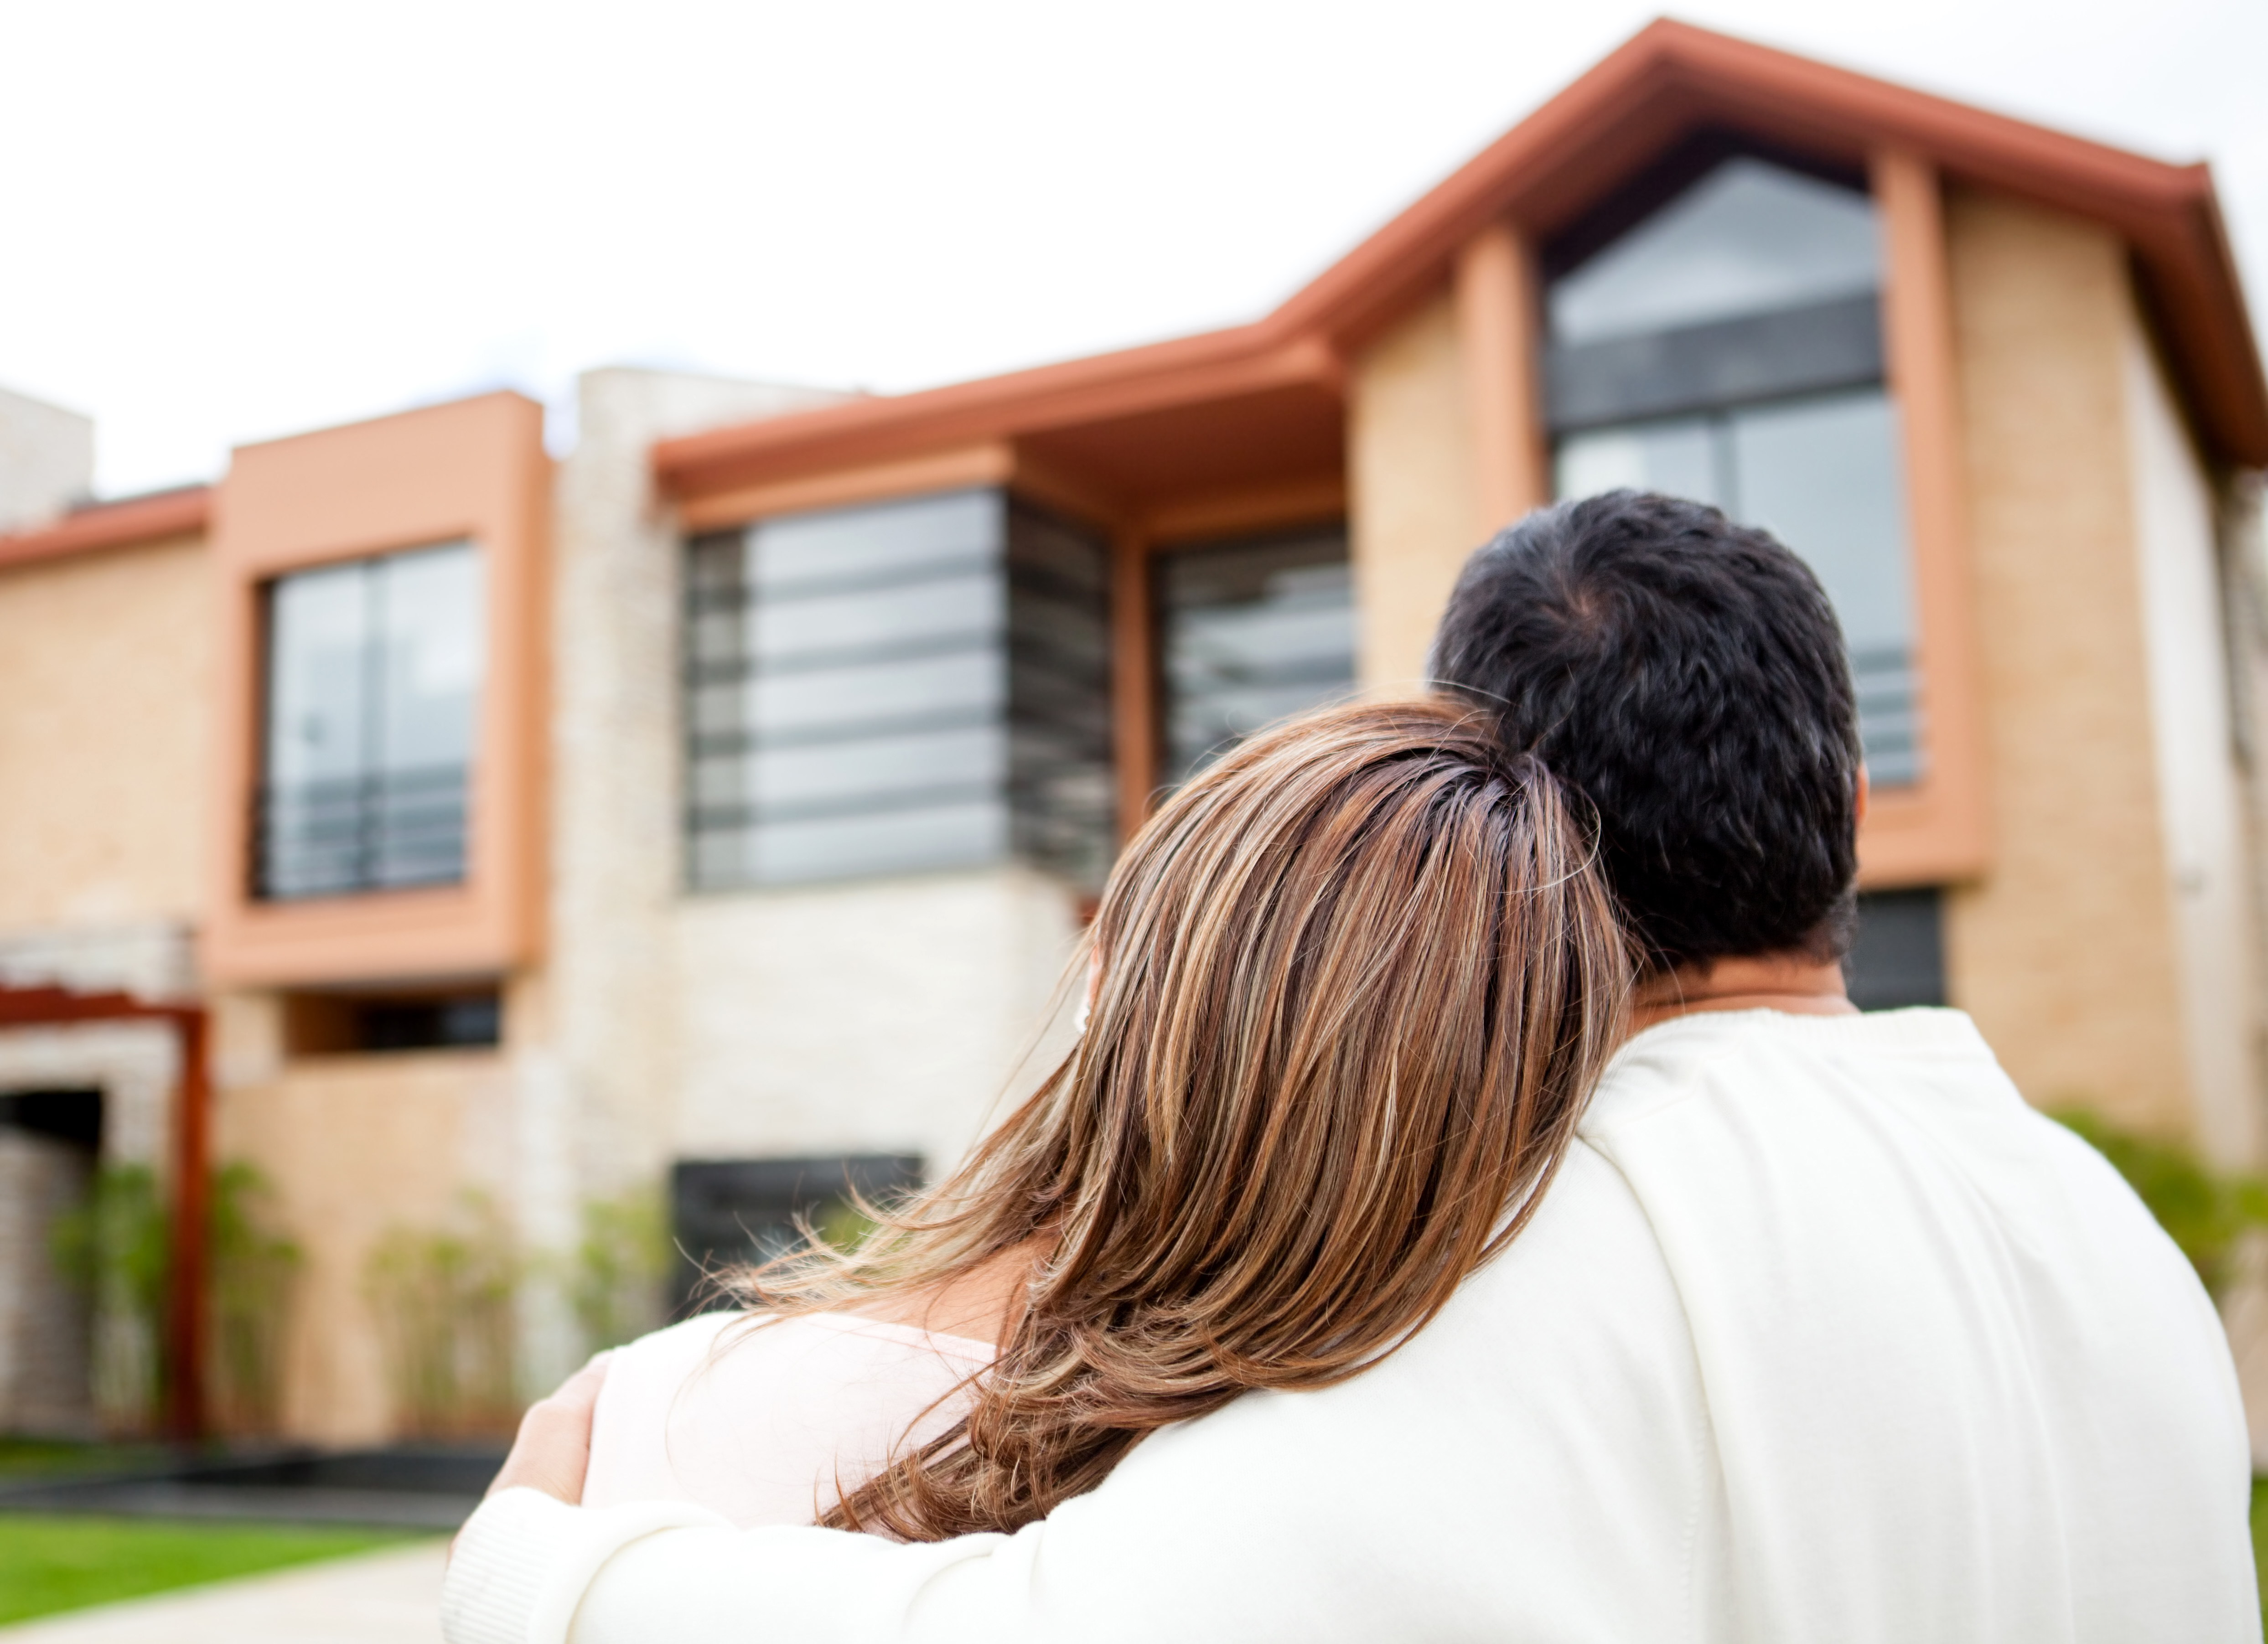 La famille s'agrandit : rénover ou déménager?